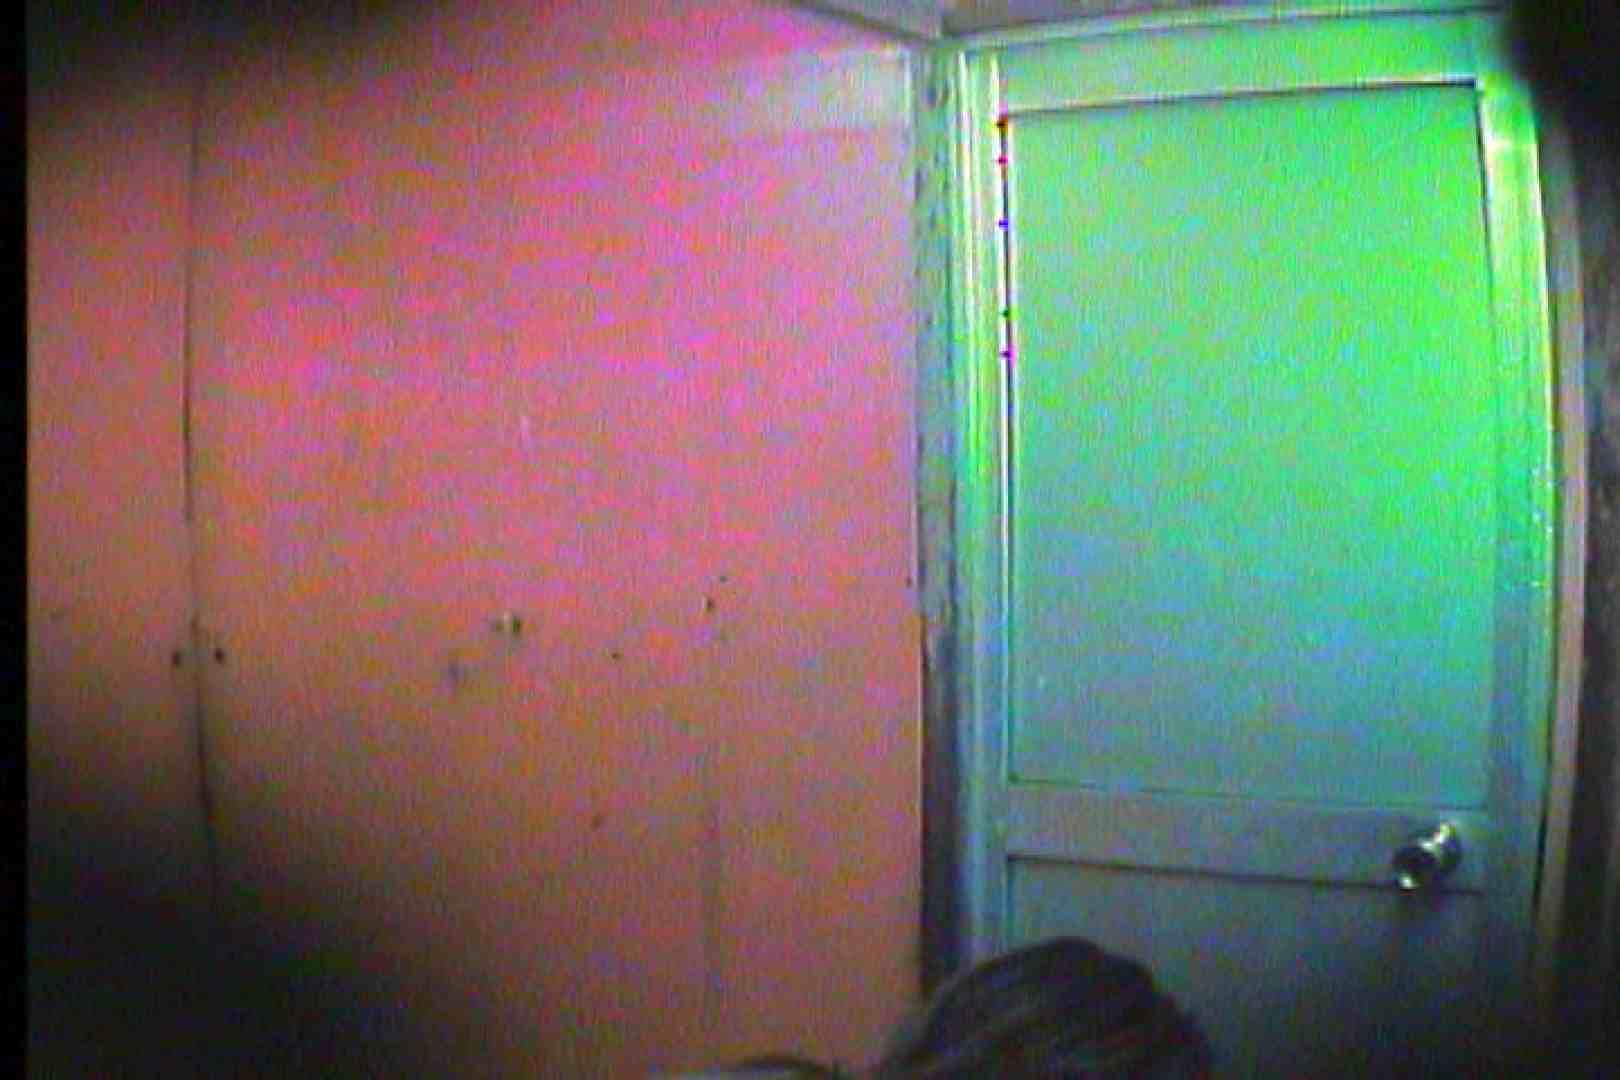 海の家の更衣室 Vol.46 美女 盗み撮り動画キャプチャ 99pic 92